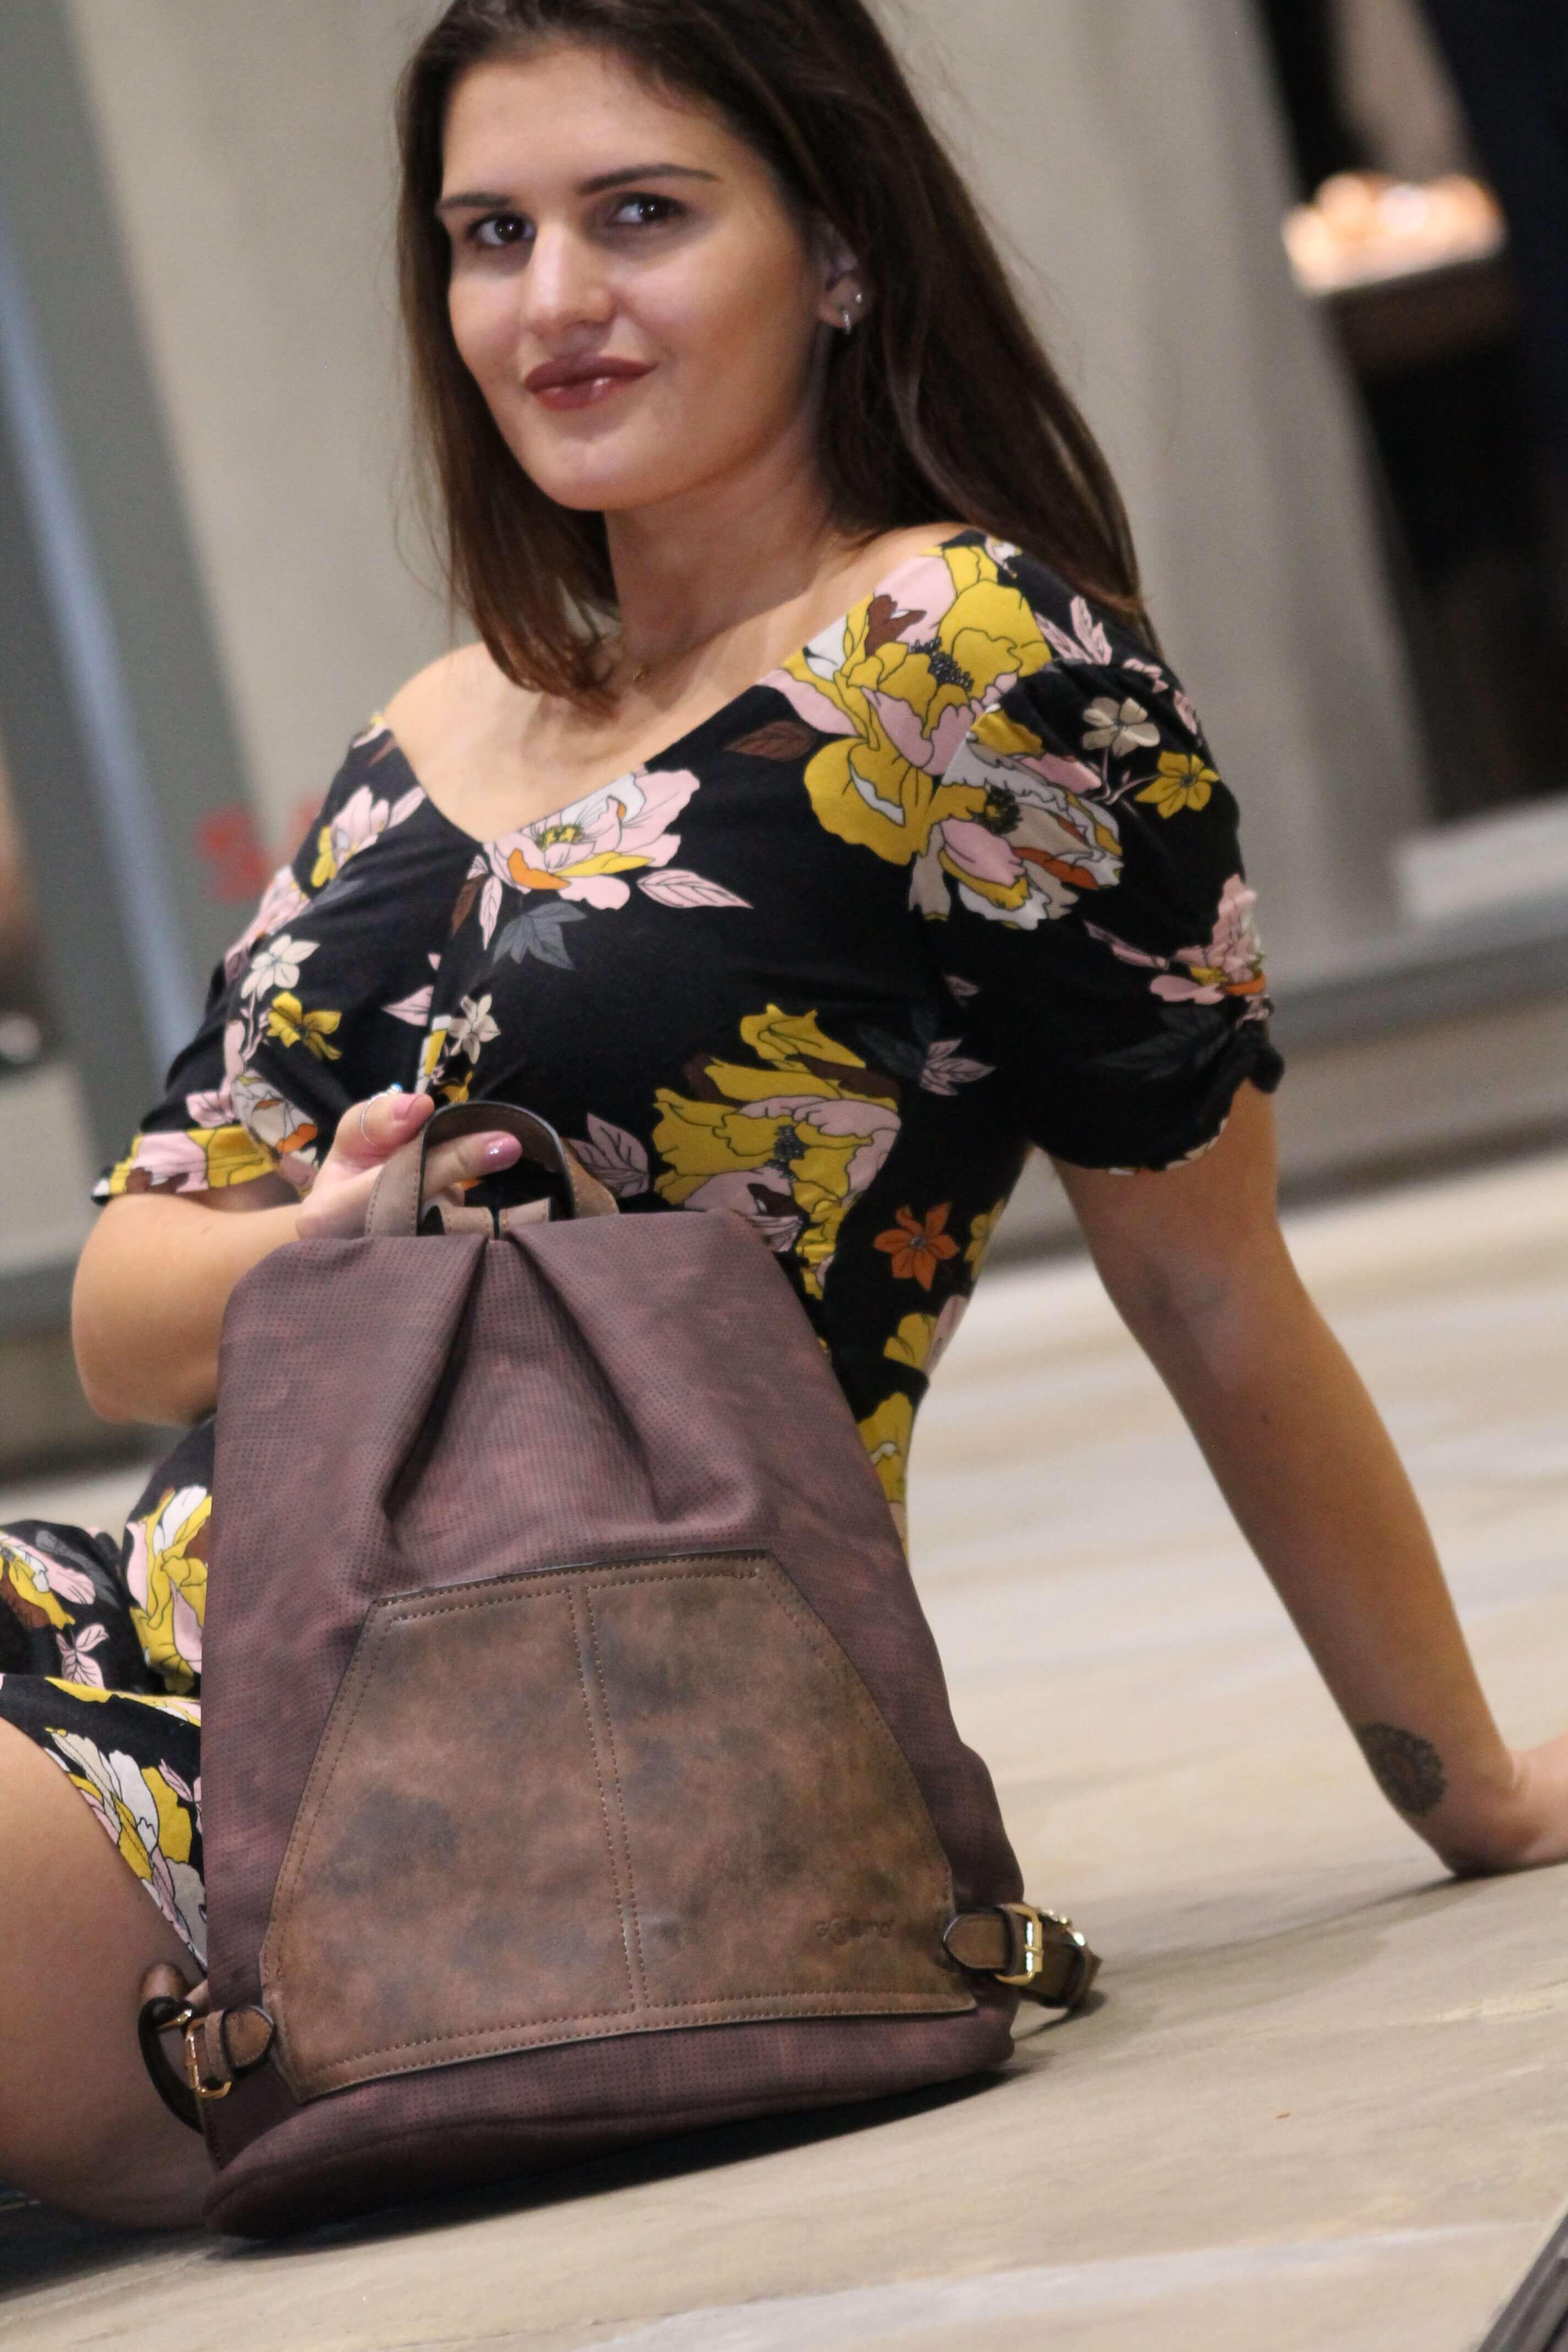 UK VEGAN BACK PACK CO -LIFESTYLE INTERNATIONAL LIMITED, www.lifestyleint.co.uk, .JPG